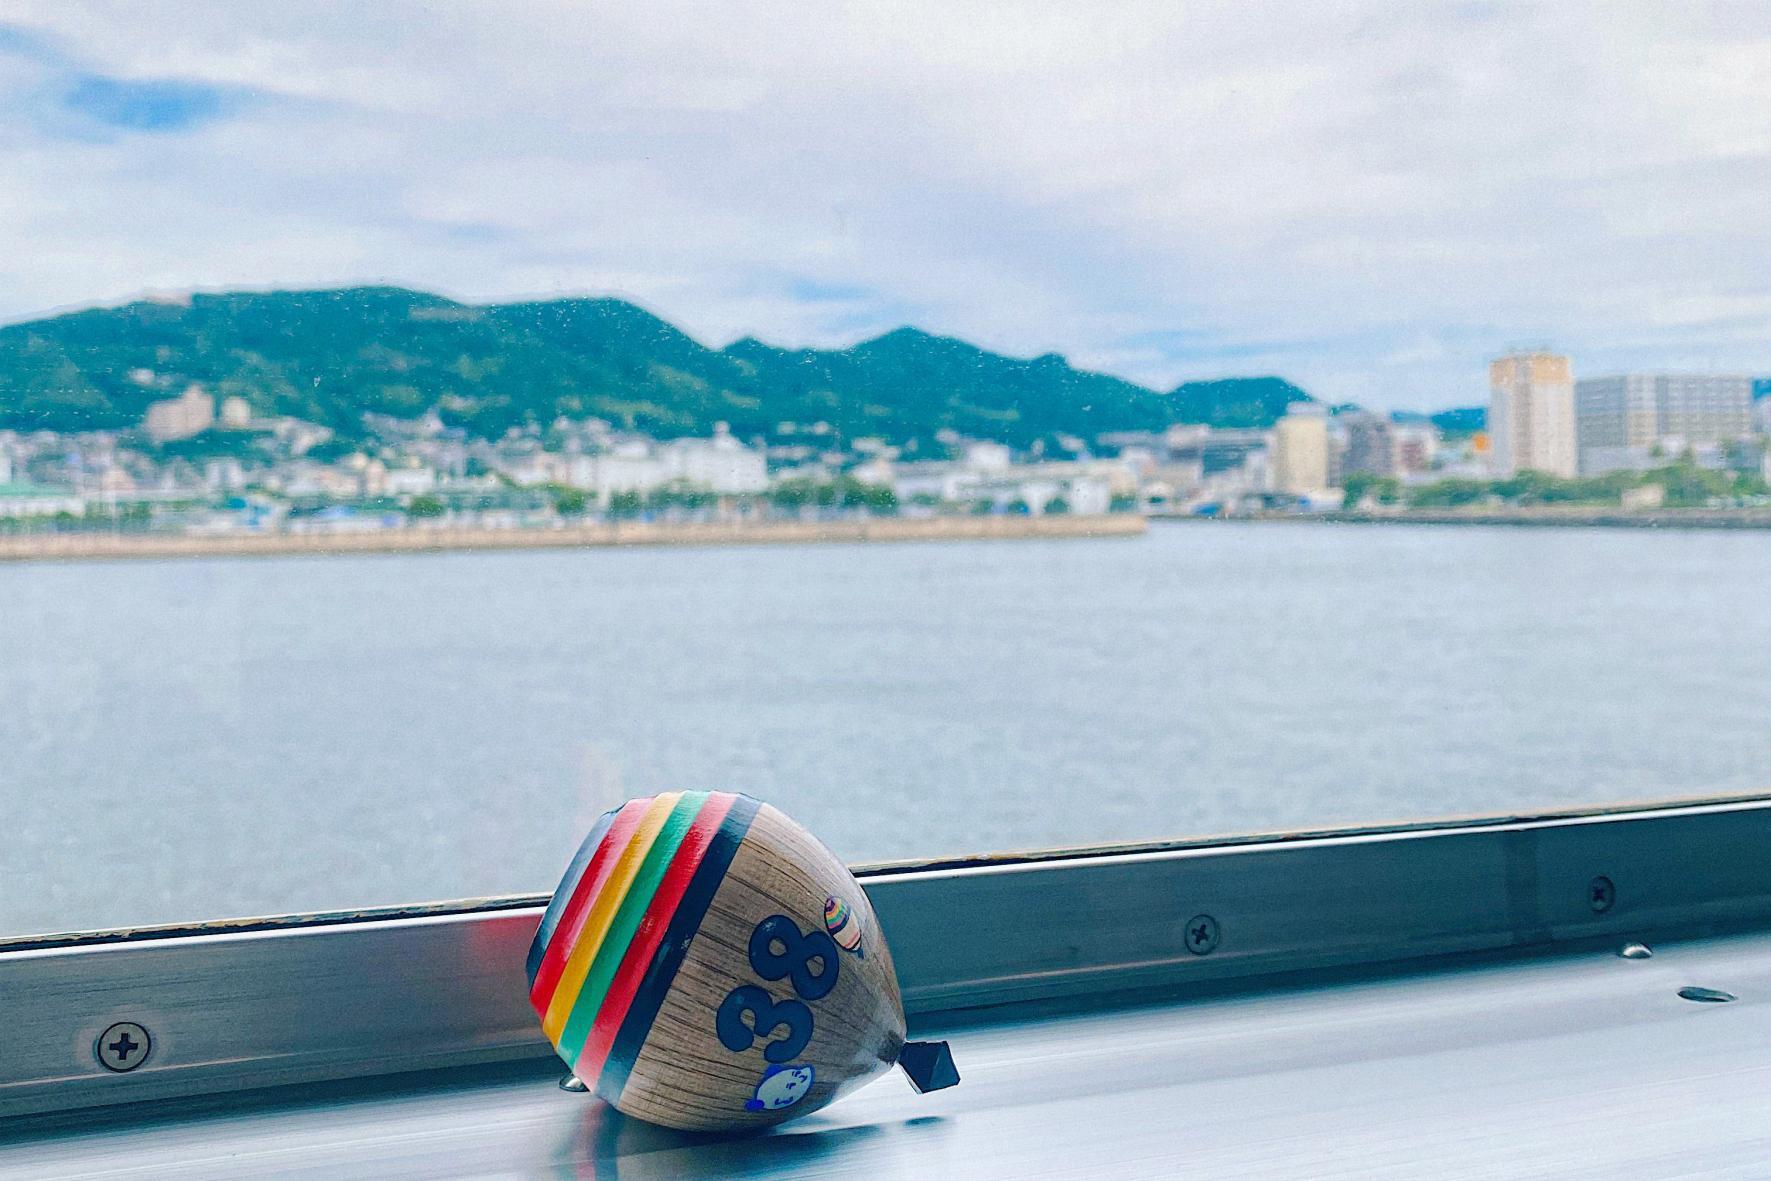 佐世保港「鯨瀬ターミナル」から、最短片道1時間半の船旅へ!-2